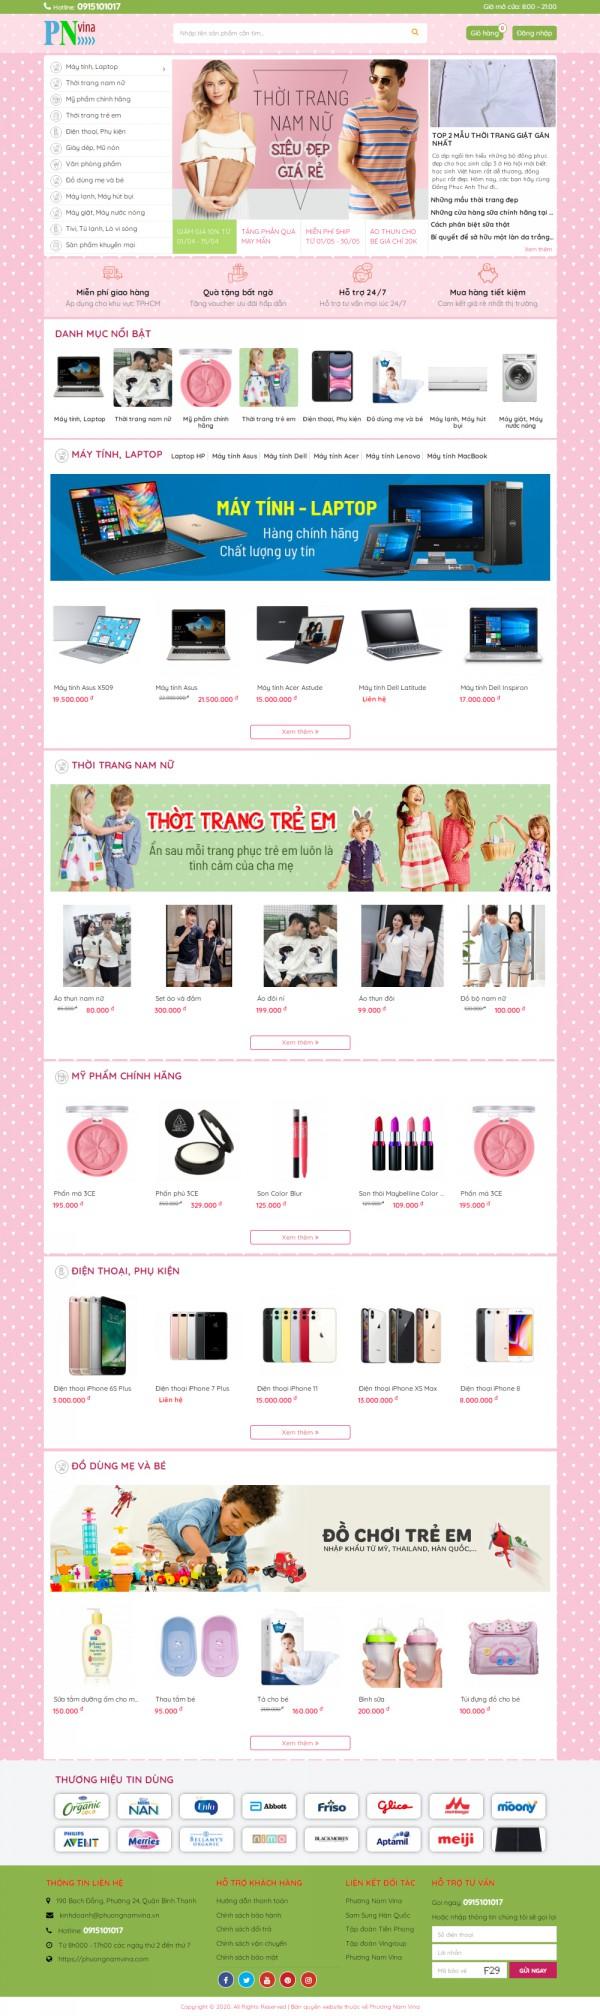 Mẫu website bán hàng đẹp - MS8